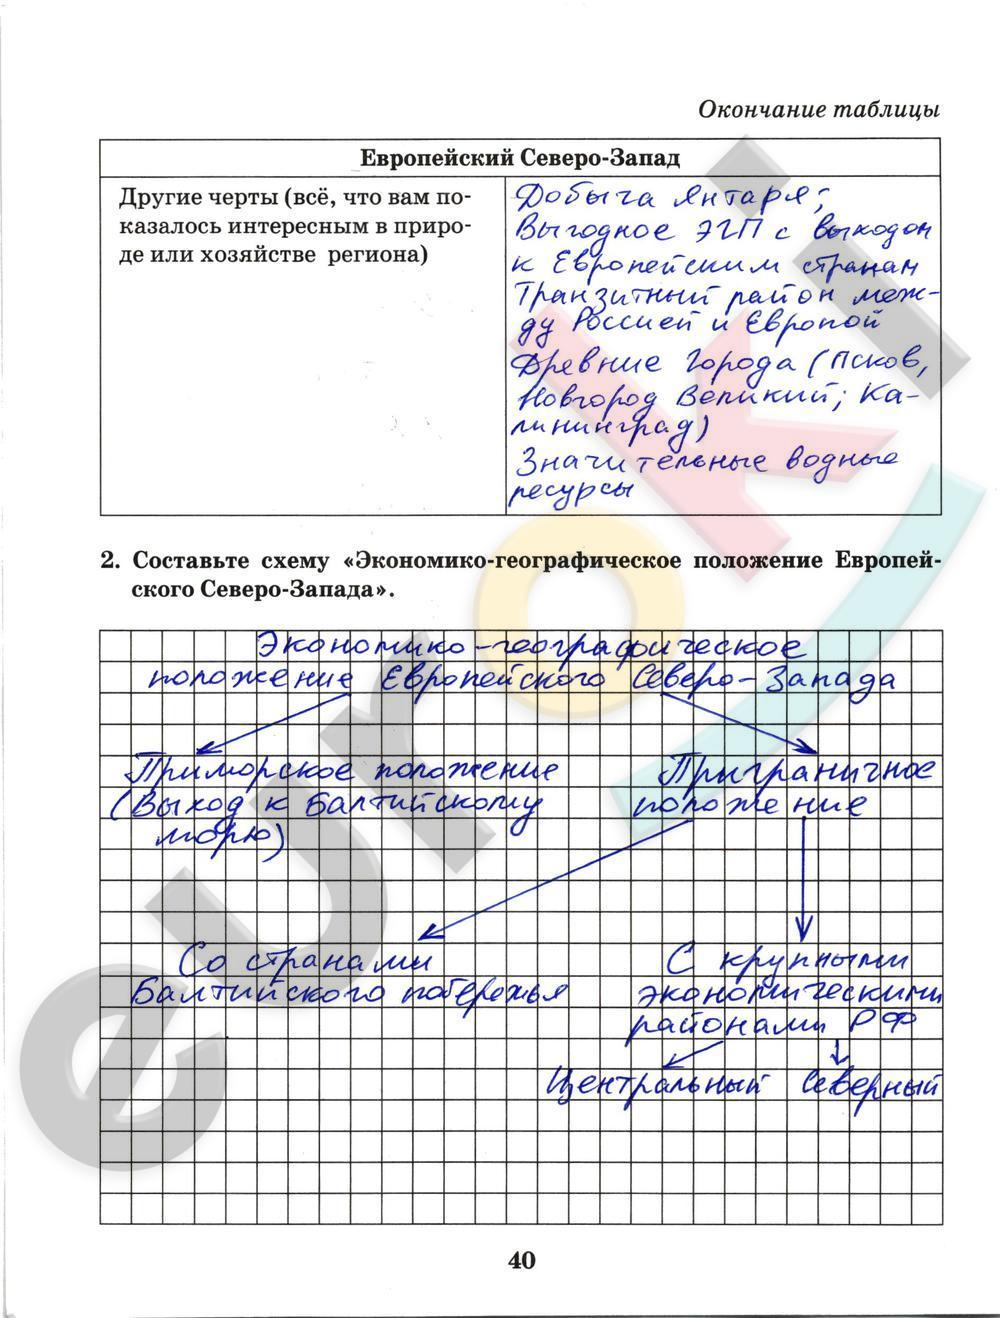 ГДЗ по географии 9 класс рабочая тетрадь Домогацких Часть 1, 2. Задание: стр. 40